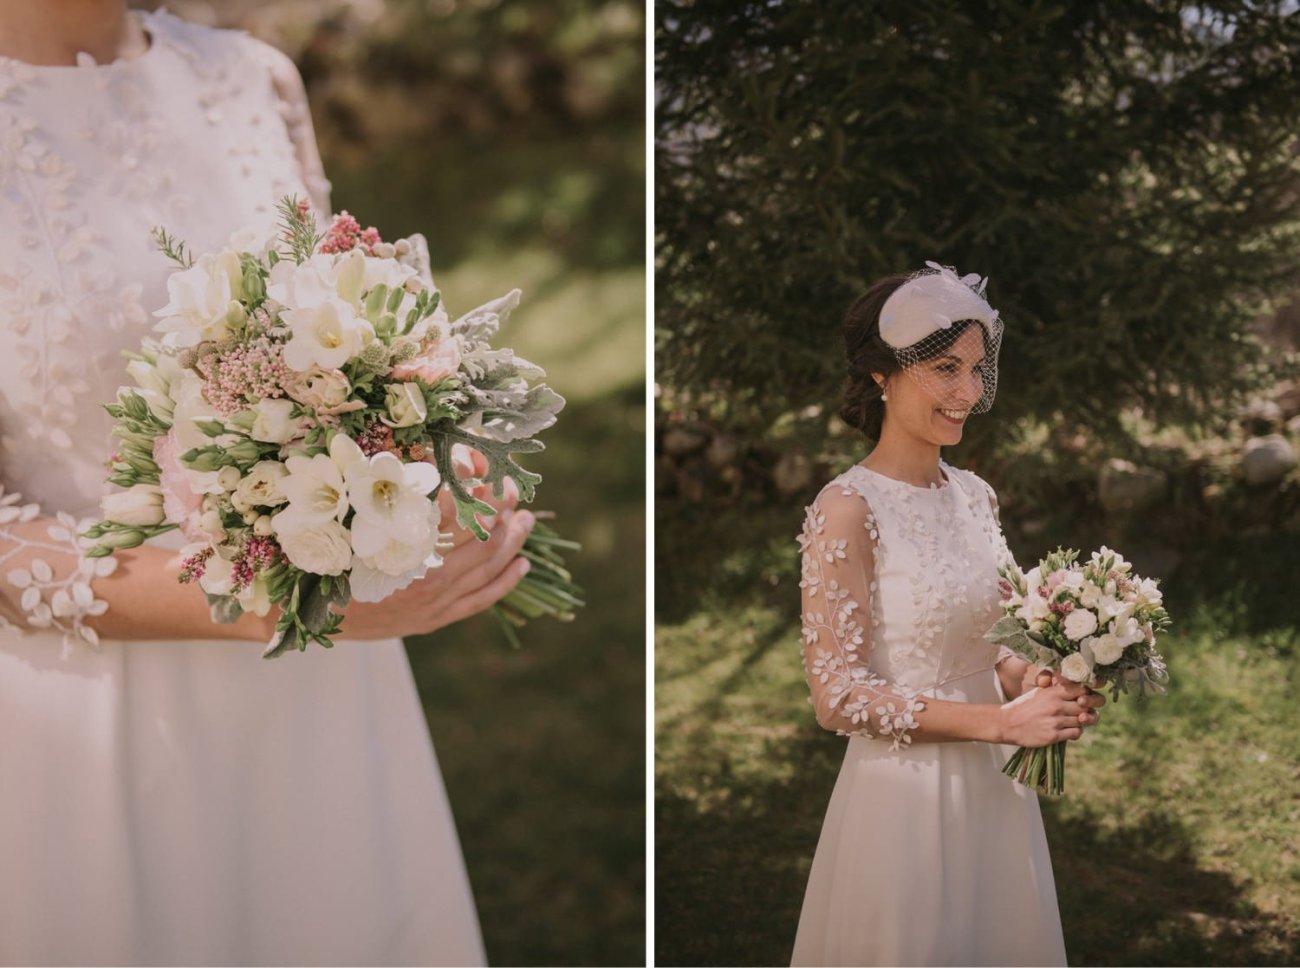 ramo de novia de flores blancas y tocado de novia de invierno